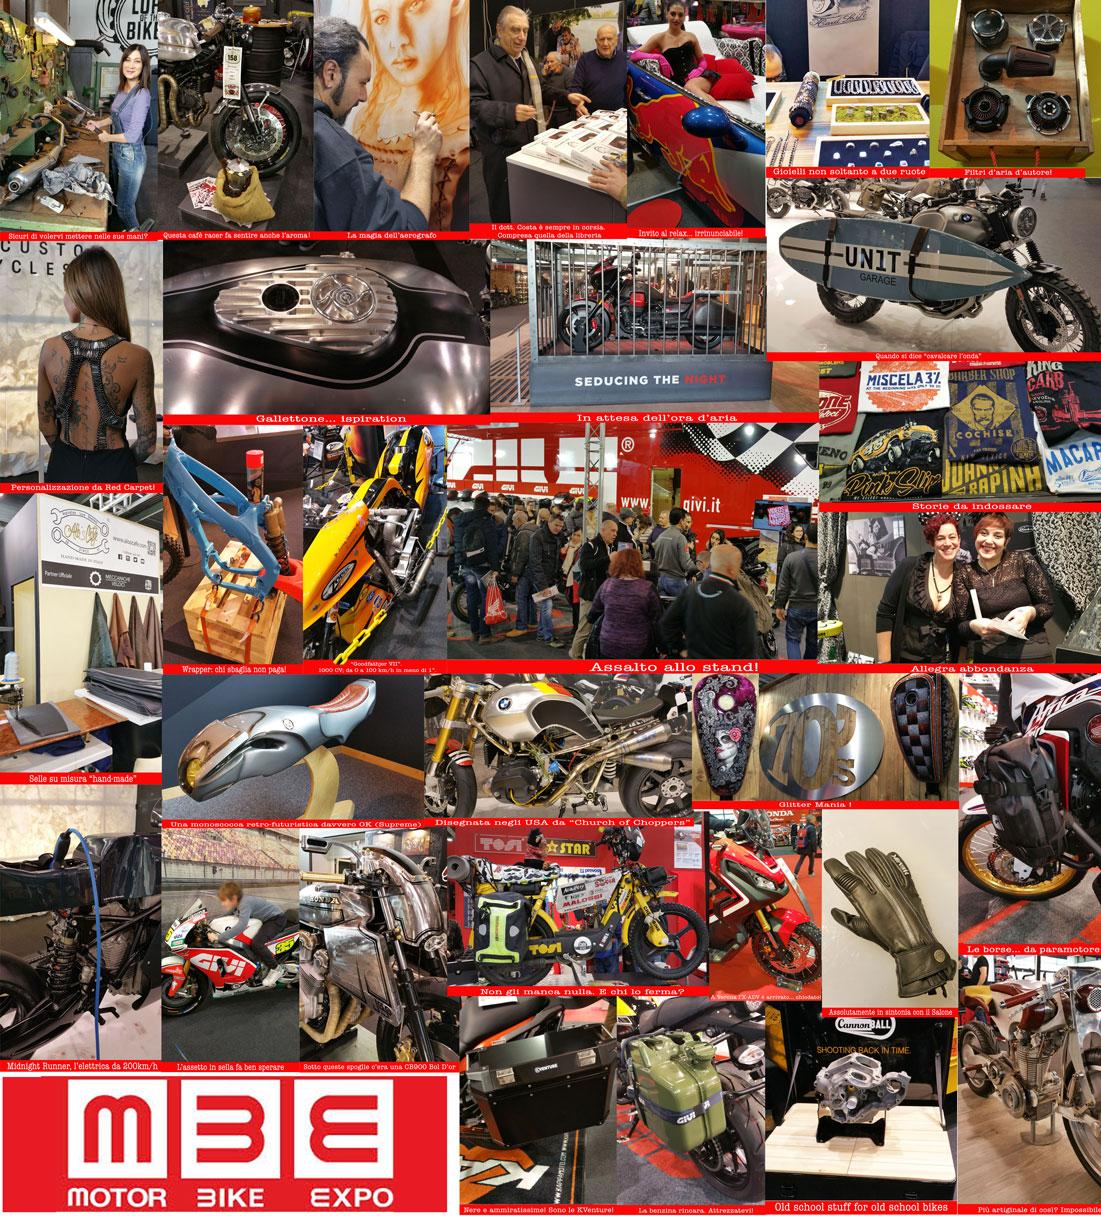 mbe2017